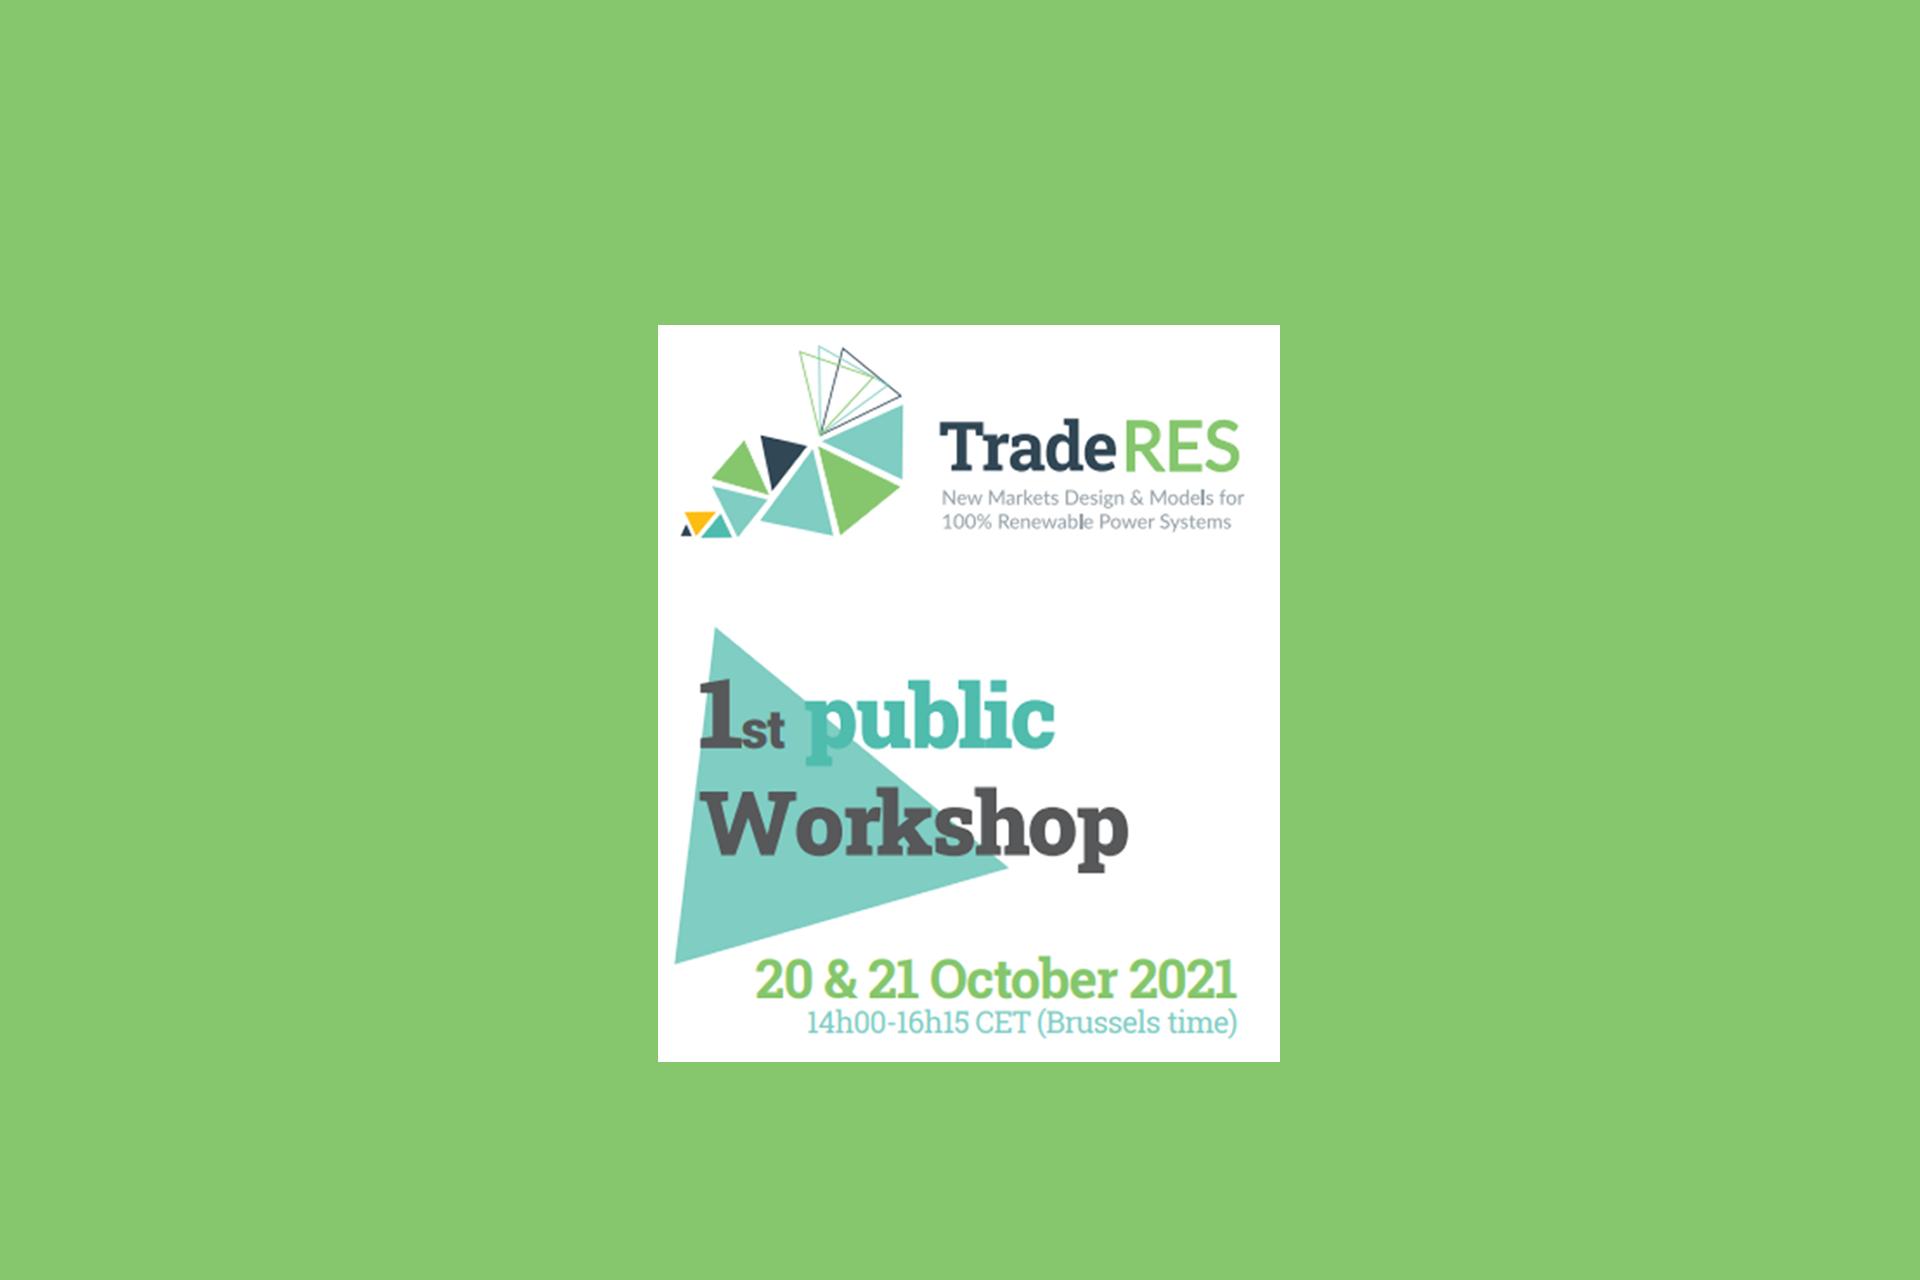 traderes-1st-public-workshop